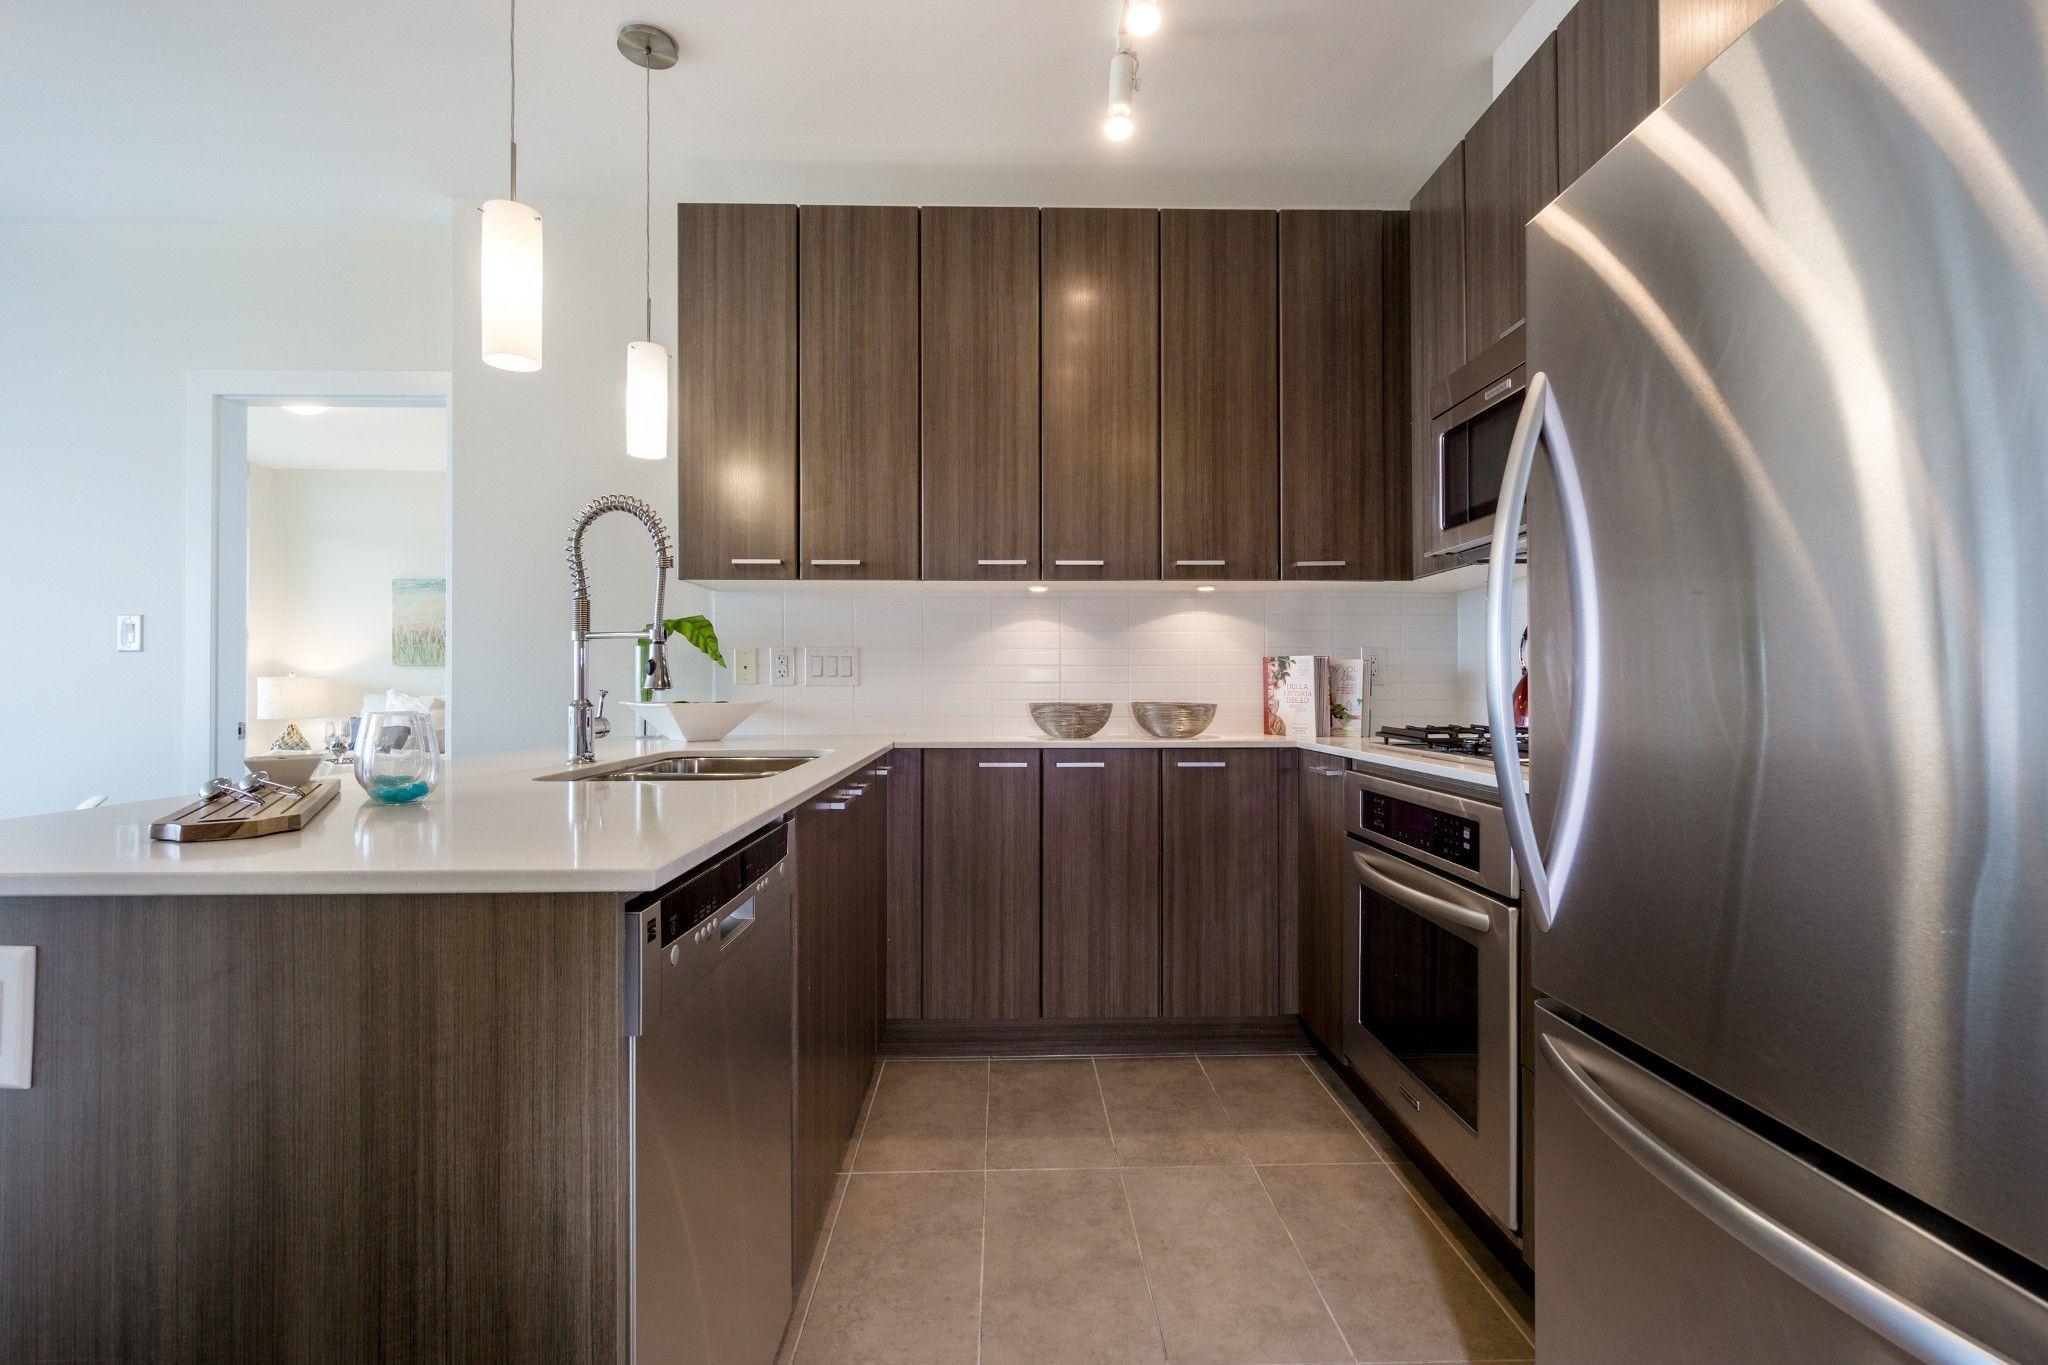 """Photo 5: Photos: 2906 2955 ATLANTIC Avenue in Coquitlam: North Coquitlam Condo for sale in """"OASIS"""" : MLS®# R2274297"""